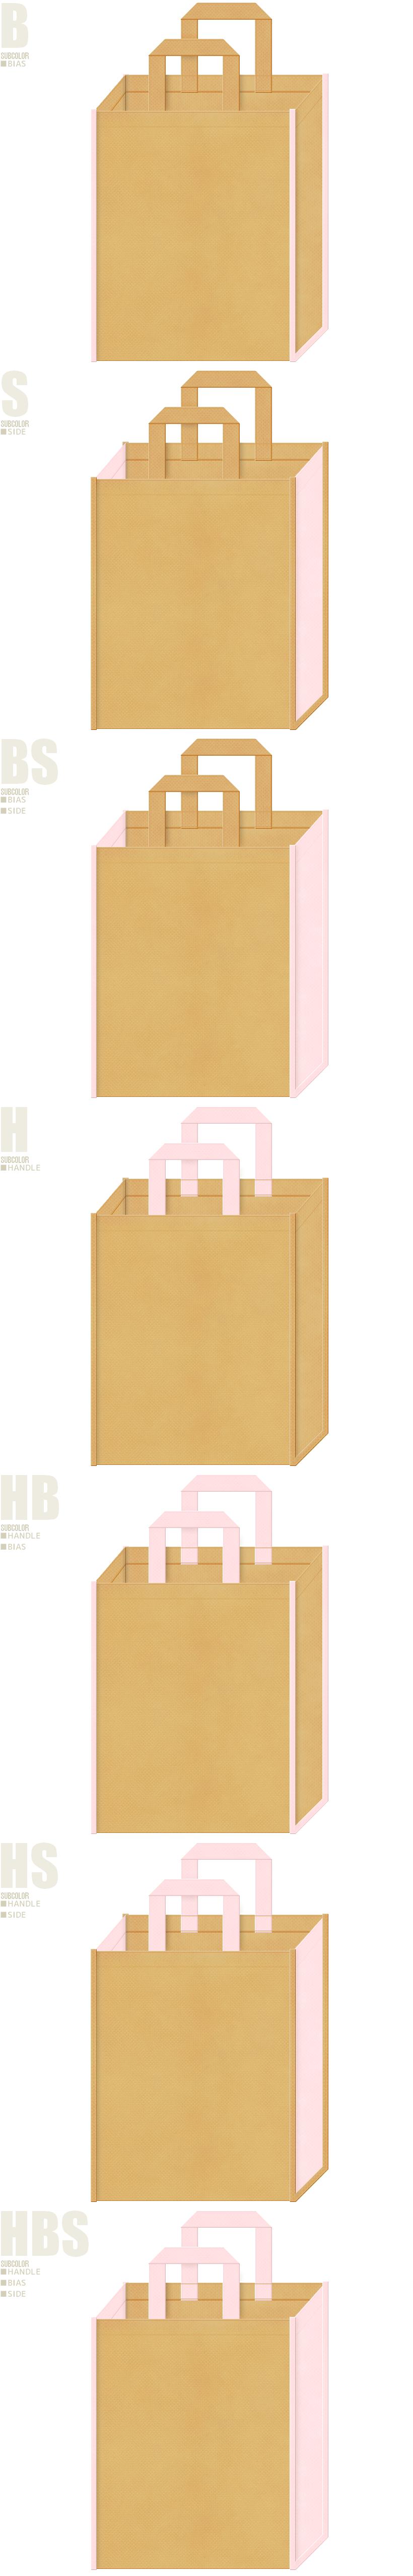 薄黄土色と桜色、7パターンの不織布トートバッグ配色デザイン例。girlyな不織布バッグにお奨めです。